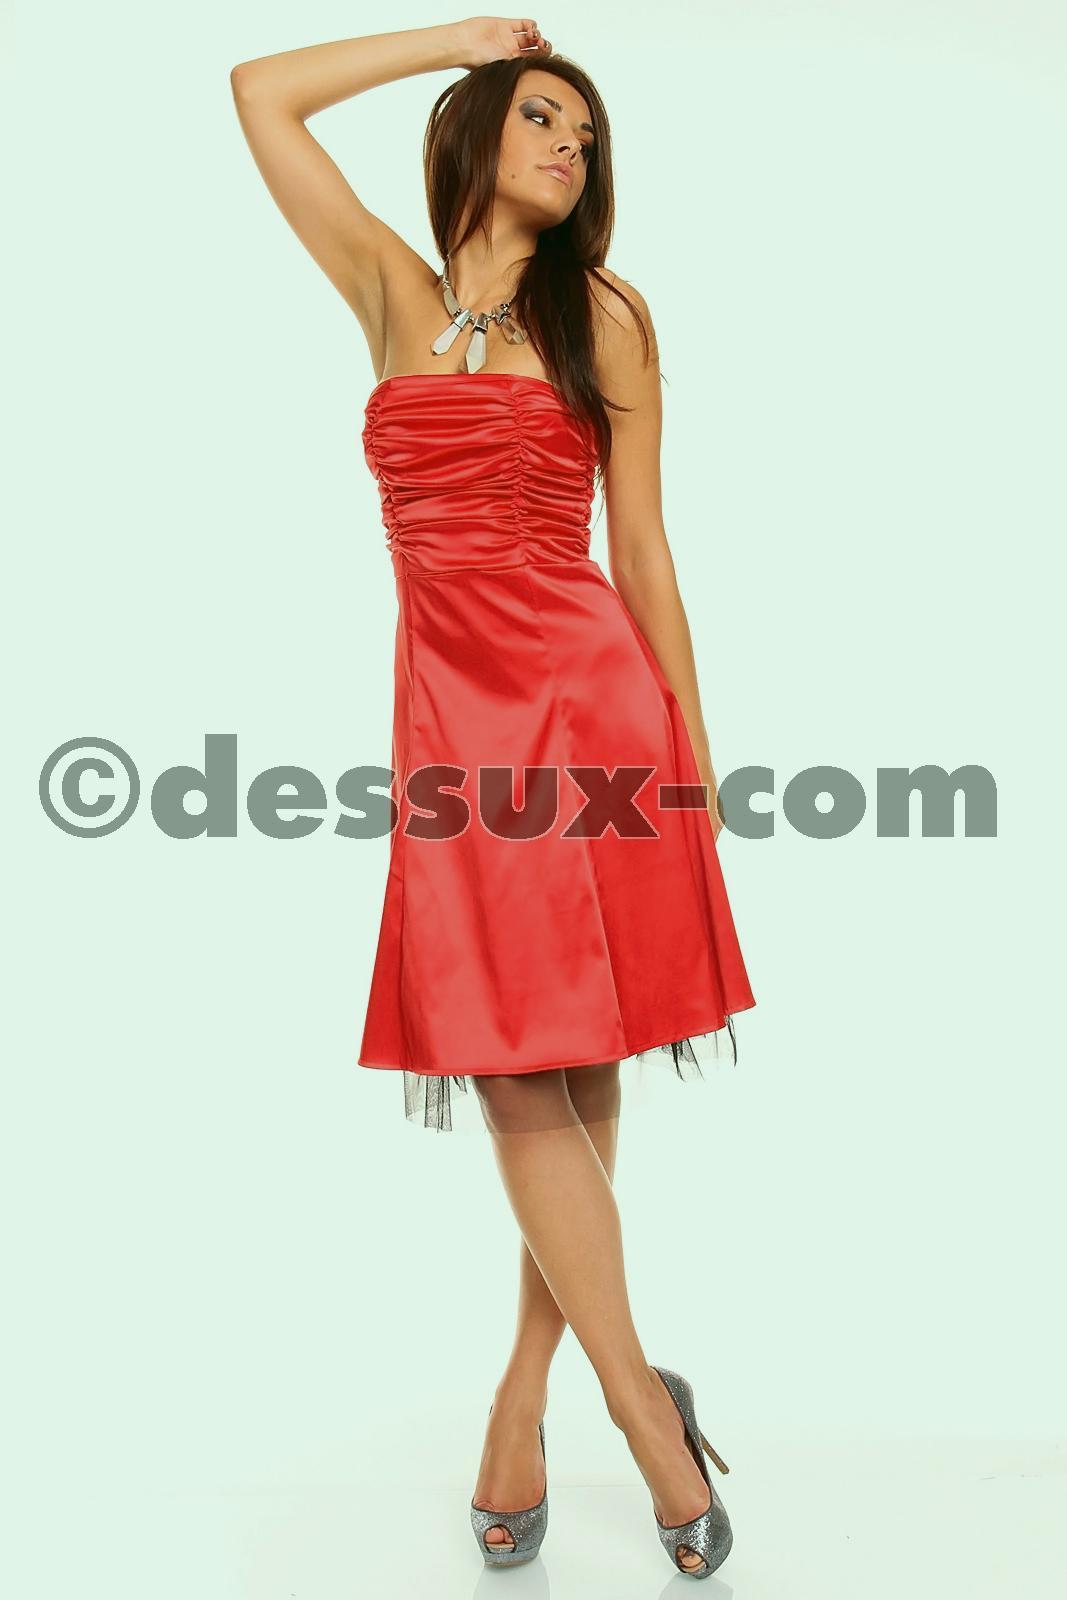 Die 20 Besten Ideen Für Rotes Kleid Auf Hochzeit  Beste